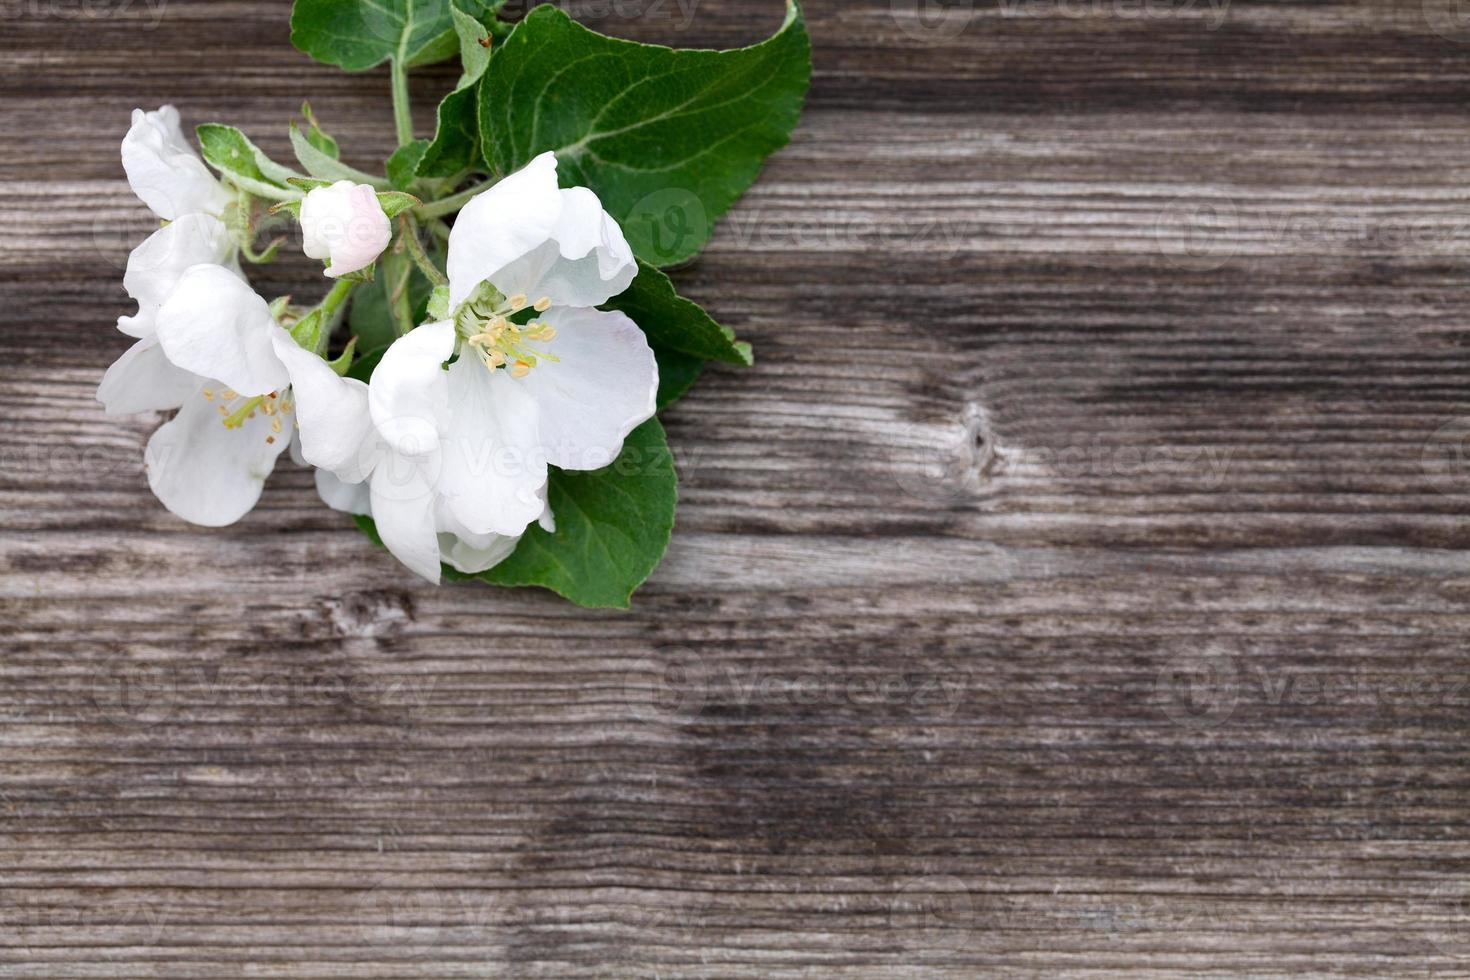 flores de manzana sobre fondo de madera foto